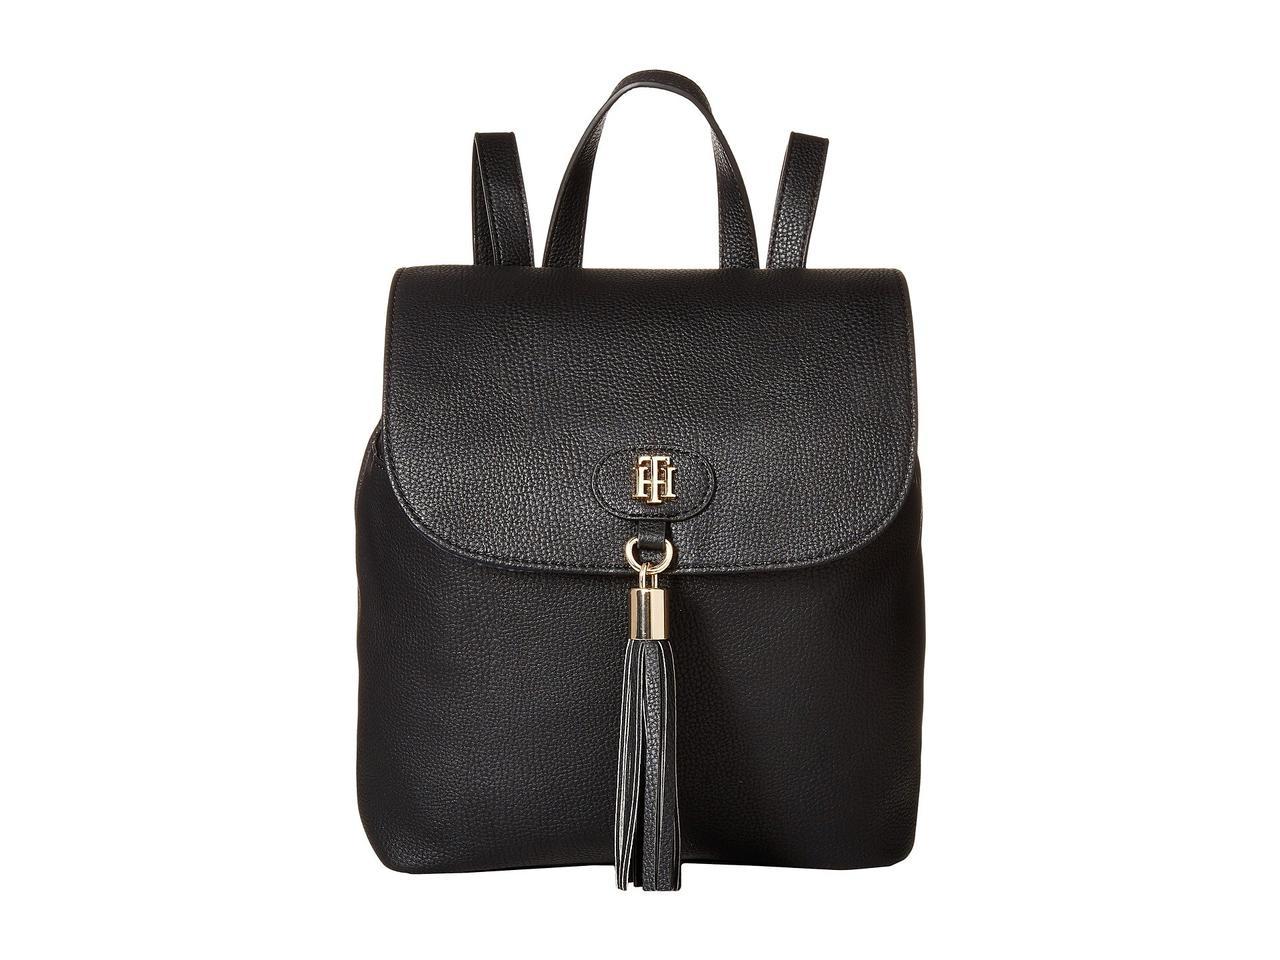 cc0407007fba Оригинальный брендовый портфель рюкзак Tommy Hilfiger в наличии три цвета